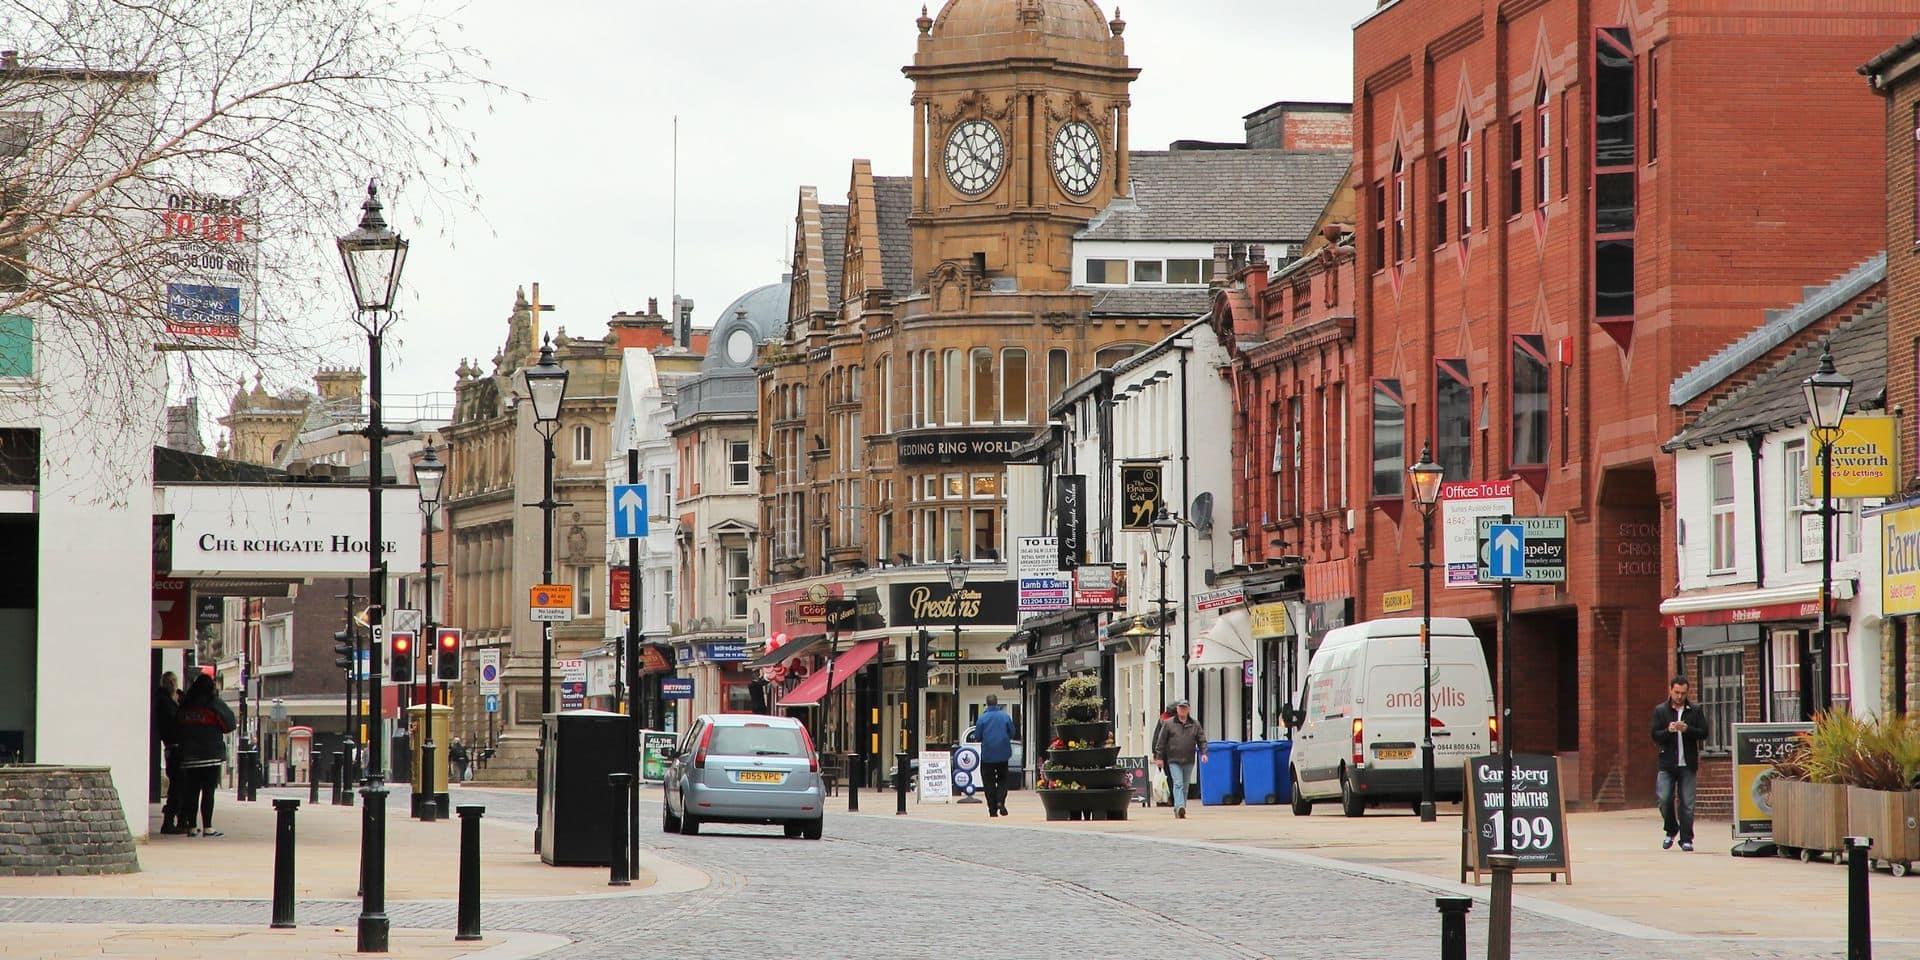 À Bolton, où le variant indien menace, la possibilité d'un reconfinement local crée des tensions entre les communautés